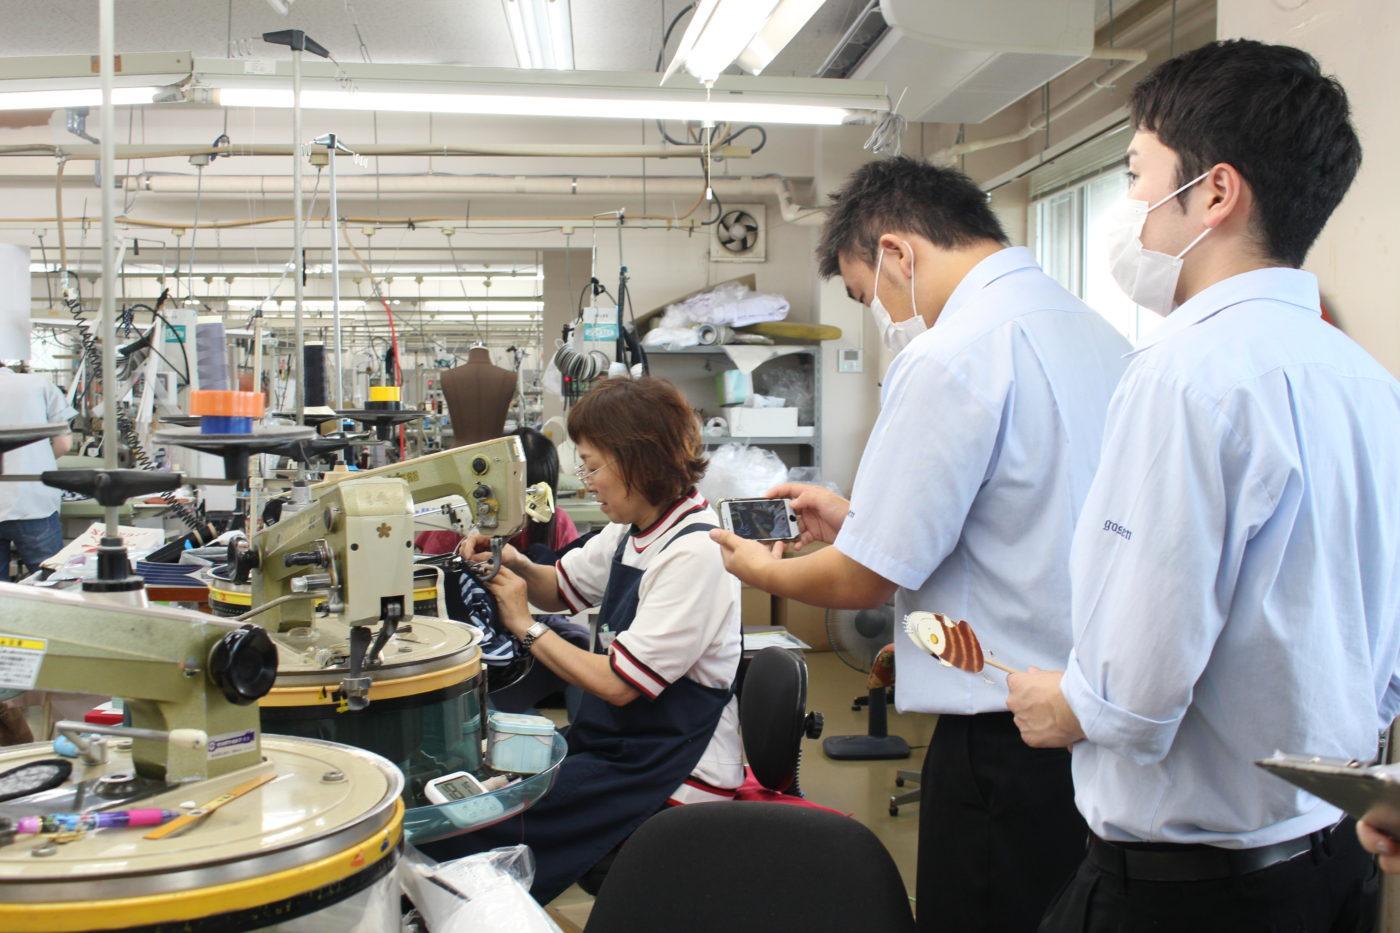 五泉高校生とニット工場で撮影10